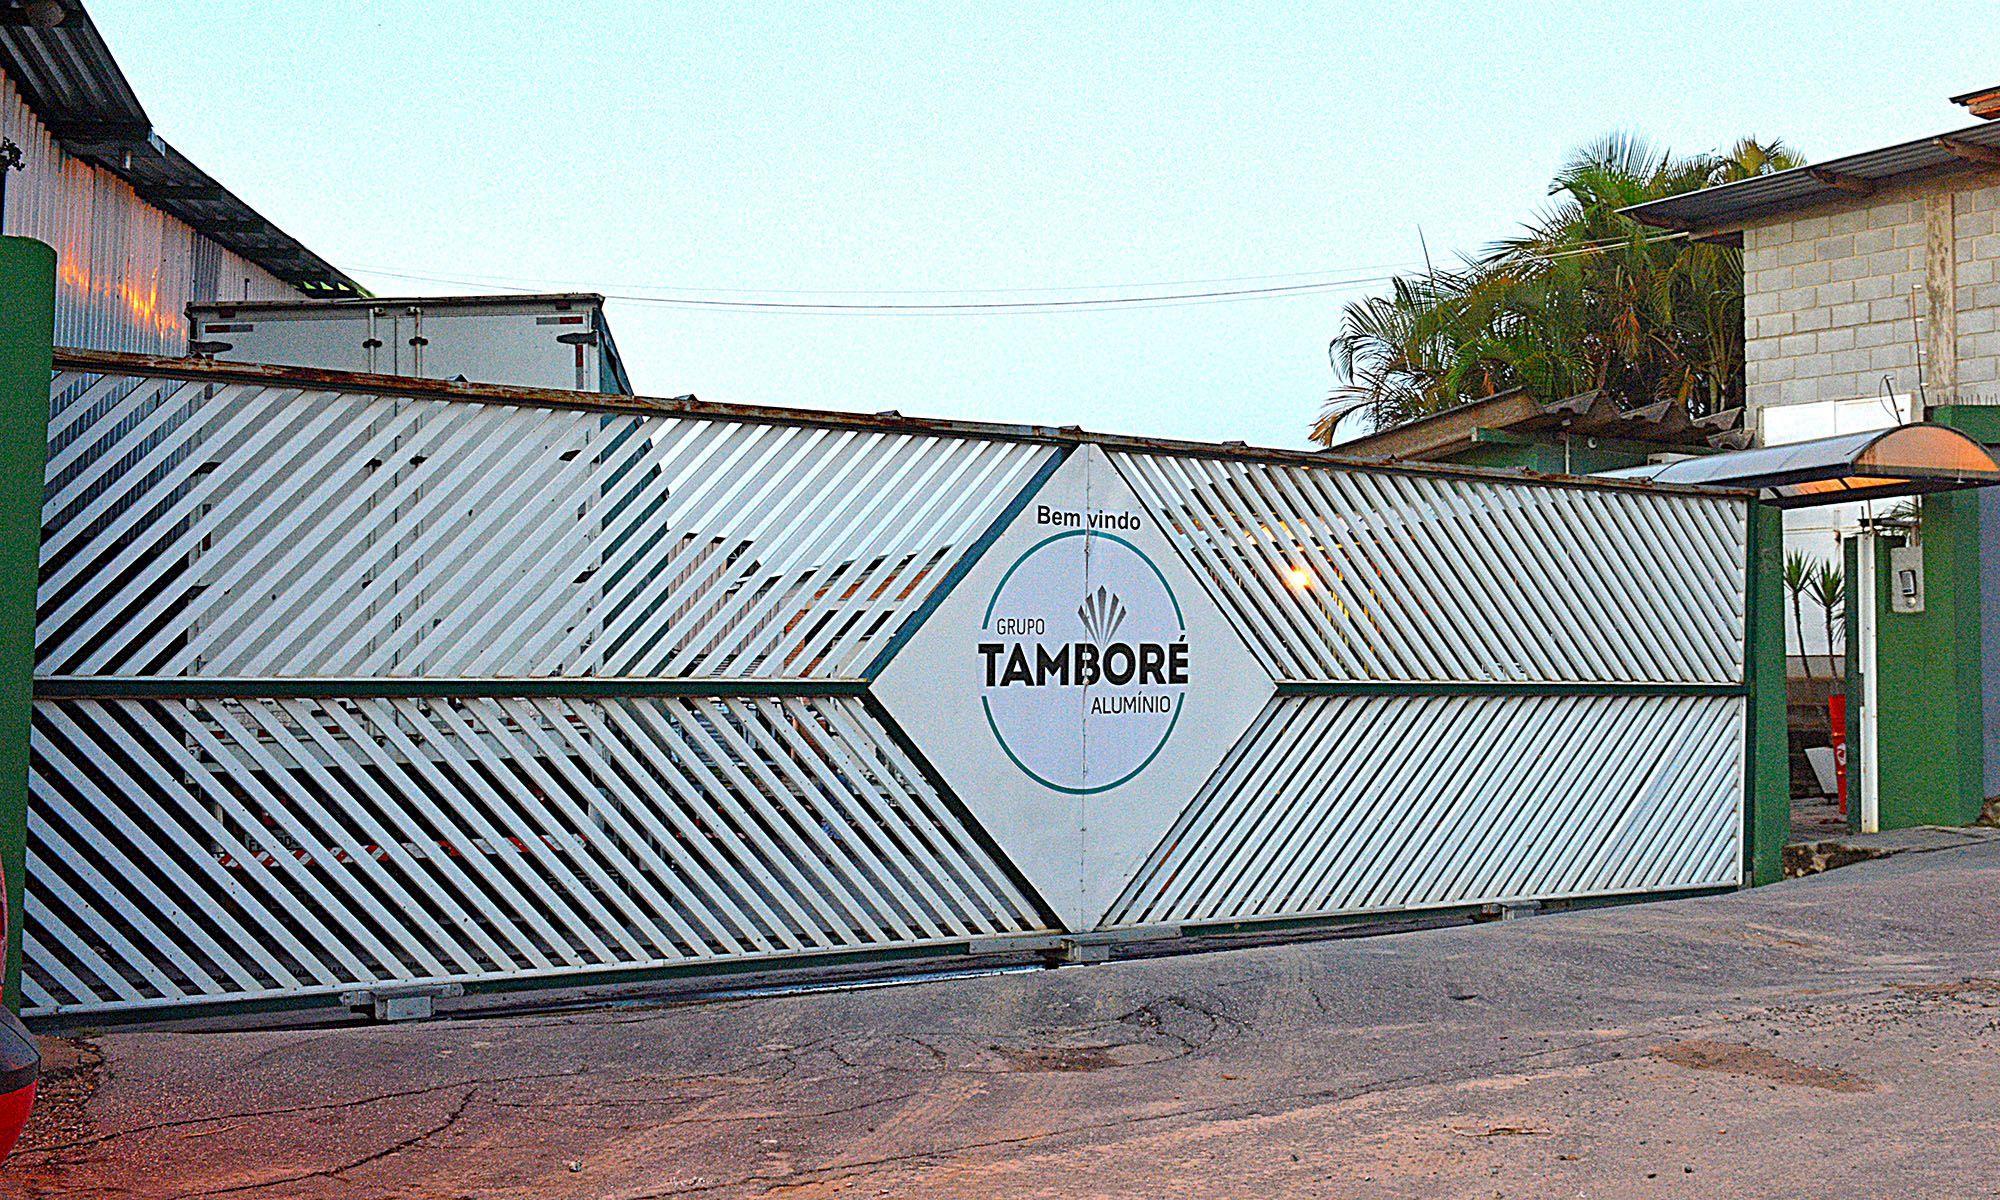 tamboré, fachada, aluminio, smetal, sorocaba, assembleia,, Foguinho/Arquivo Imprensa SMetal